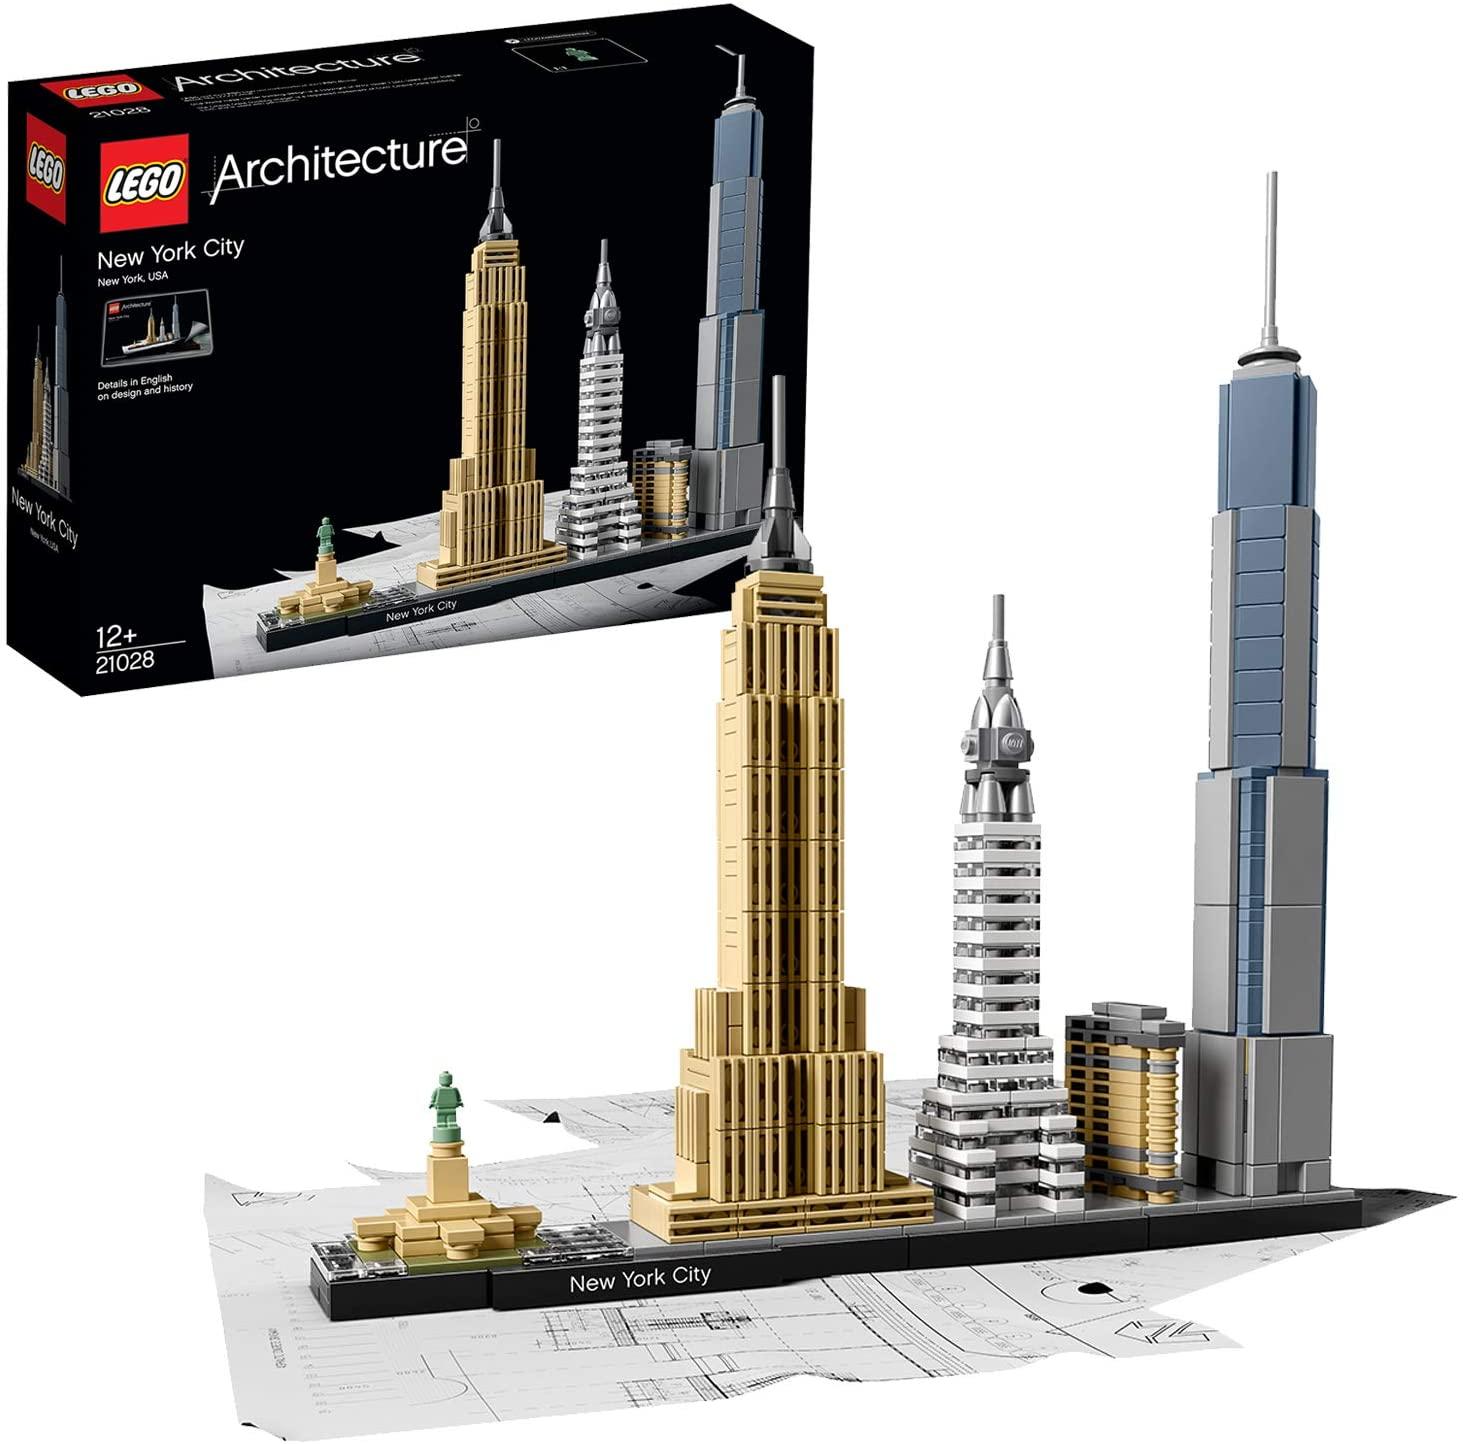 LEGOArchitectureSkylineCollectionCiudaddeNuevaYork